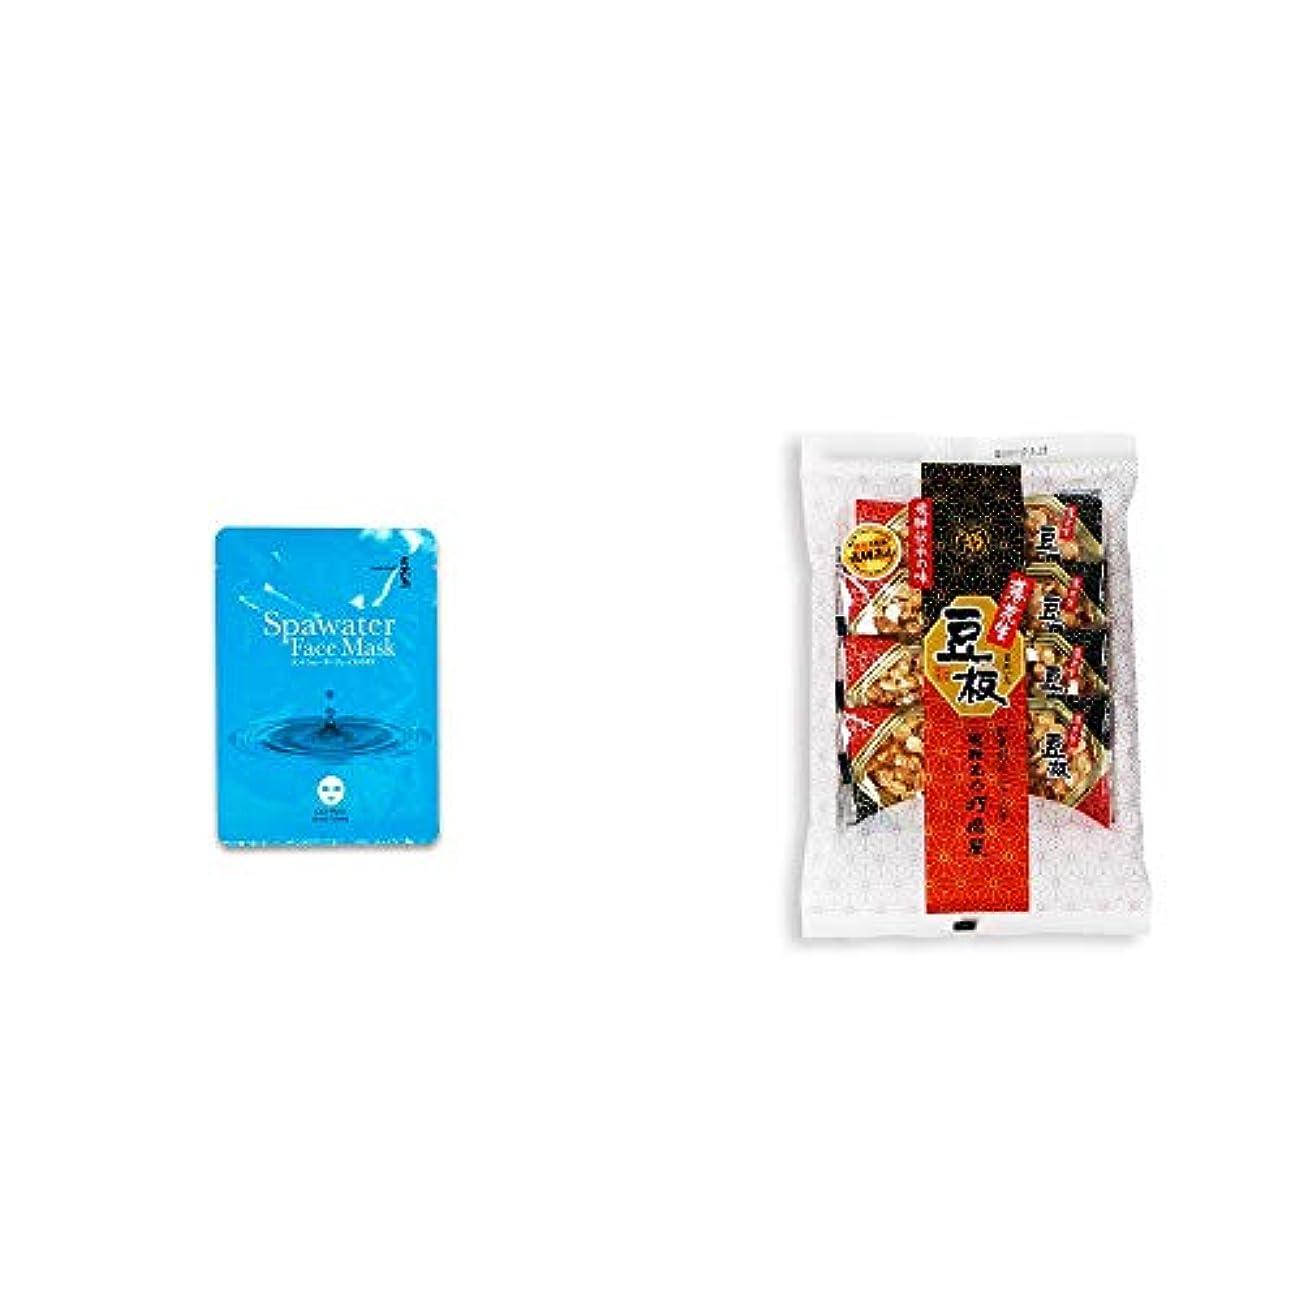 ロシア絶壁香り[2点セット] ひのき炭黒泉 スパウォーターフェイスマスク(18ml×3枚入)?飛騨銘菓「打保屋」の駄菓子 豆板(8枚入)